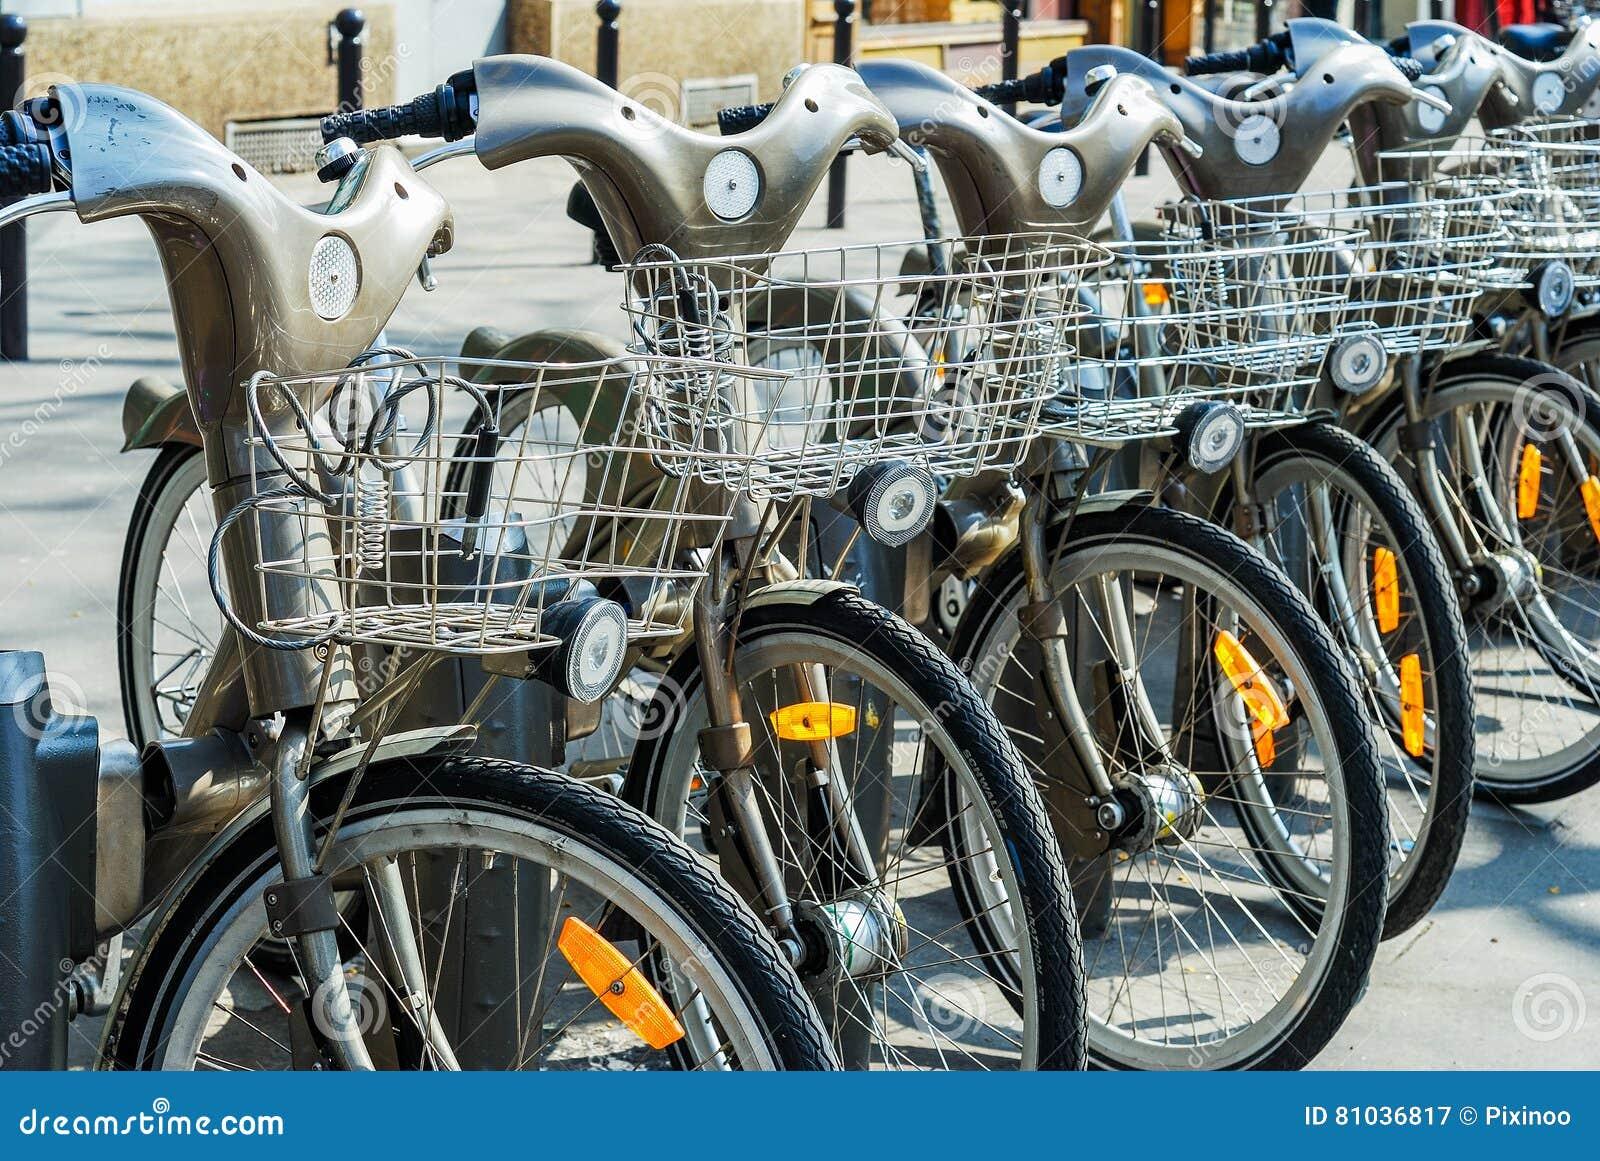 Paris, France - April 02, 2009: Velib station public bicycle rental in Paris. Velib has the highest market penetration comapring